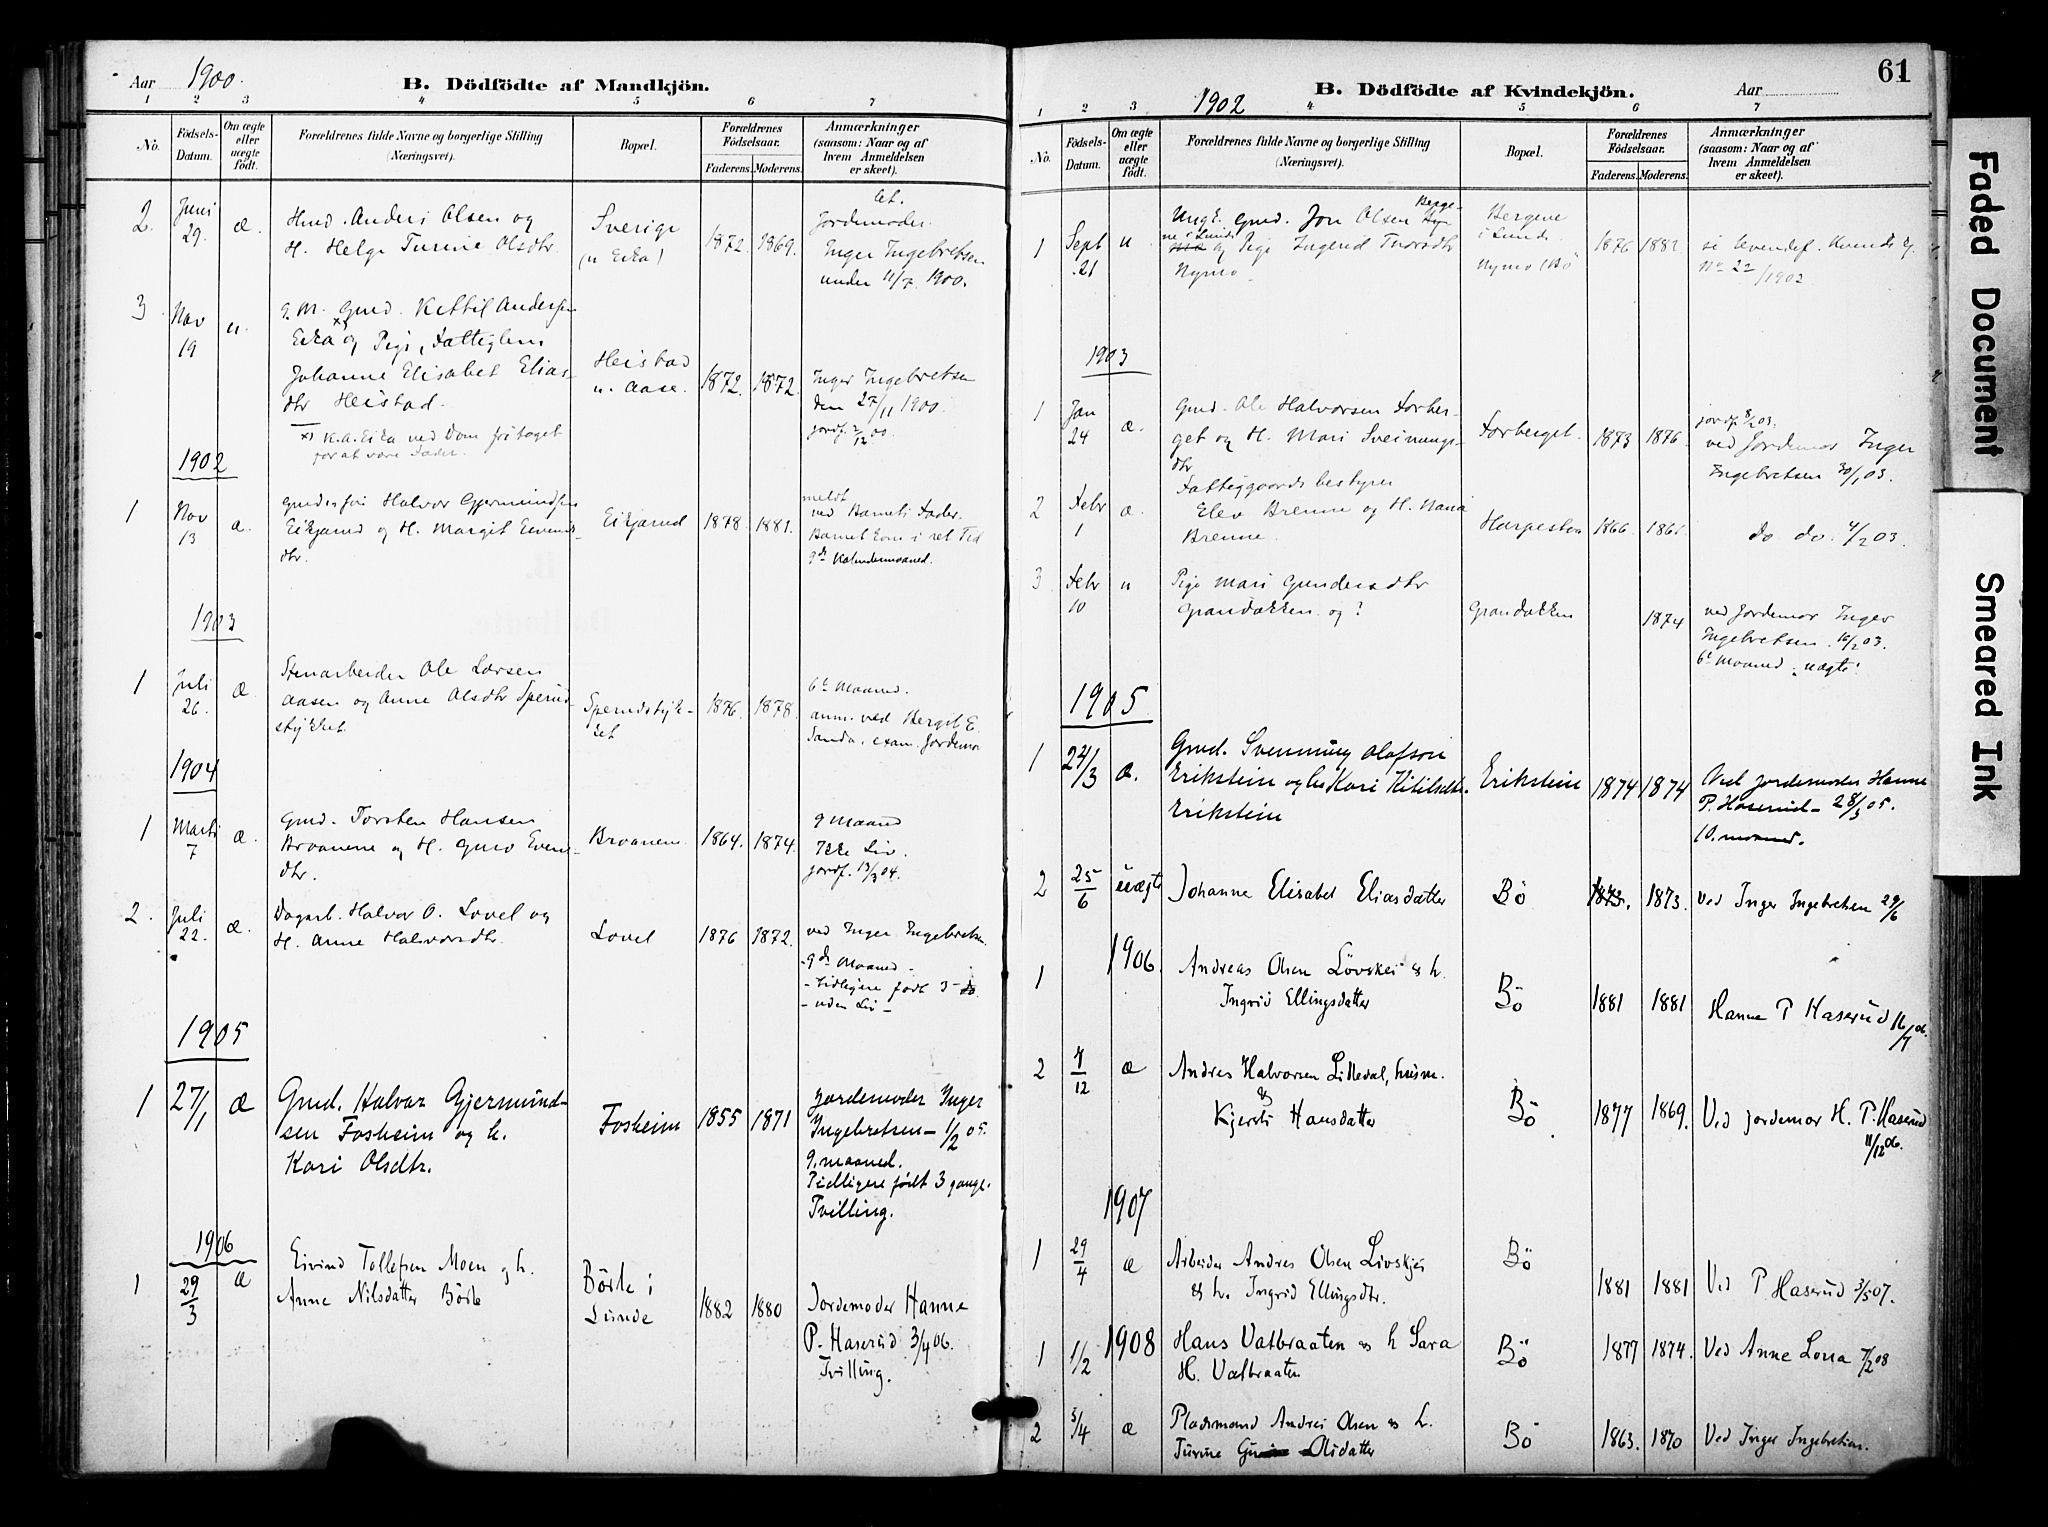 SAKO, Bø kirkebøker, F/Fa/L0012: Ministerialbok nr. 12, 1900-1908, s. 61